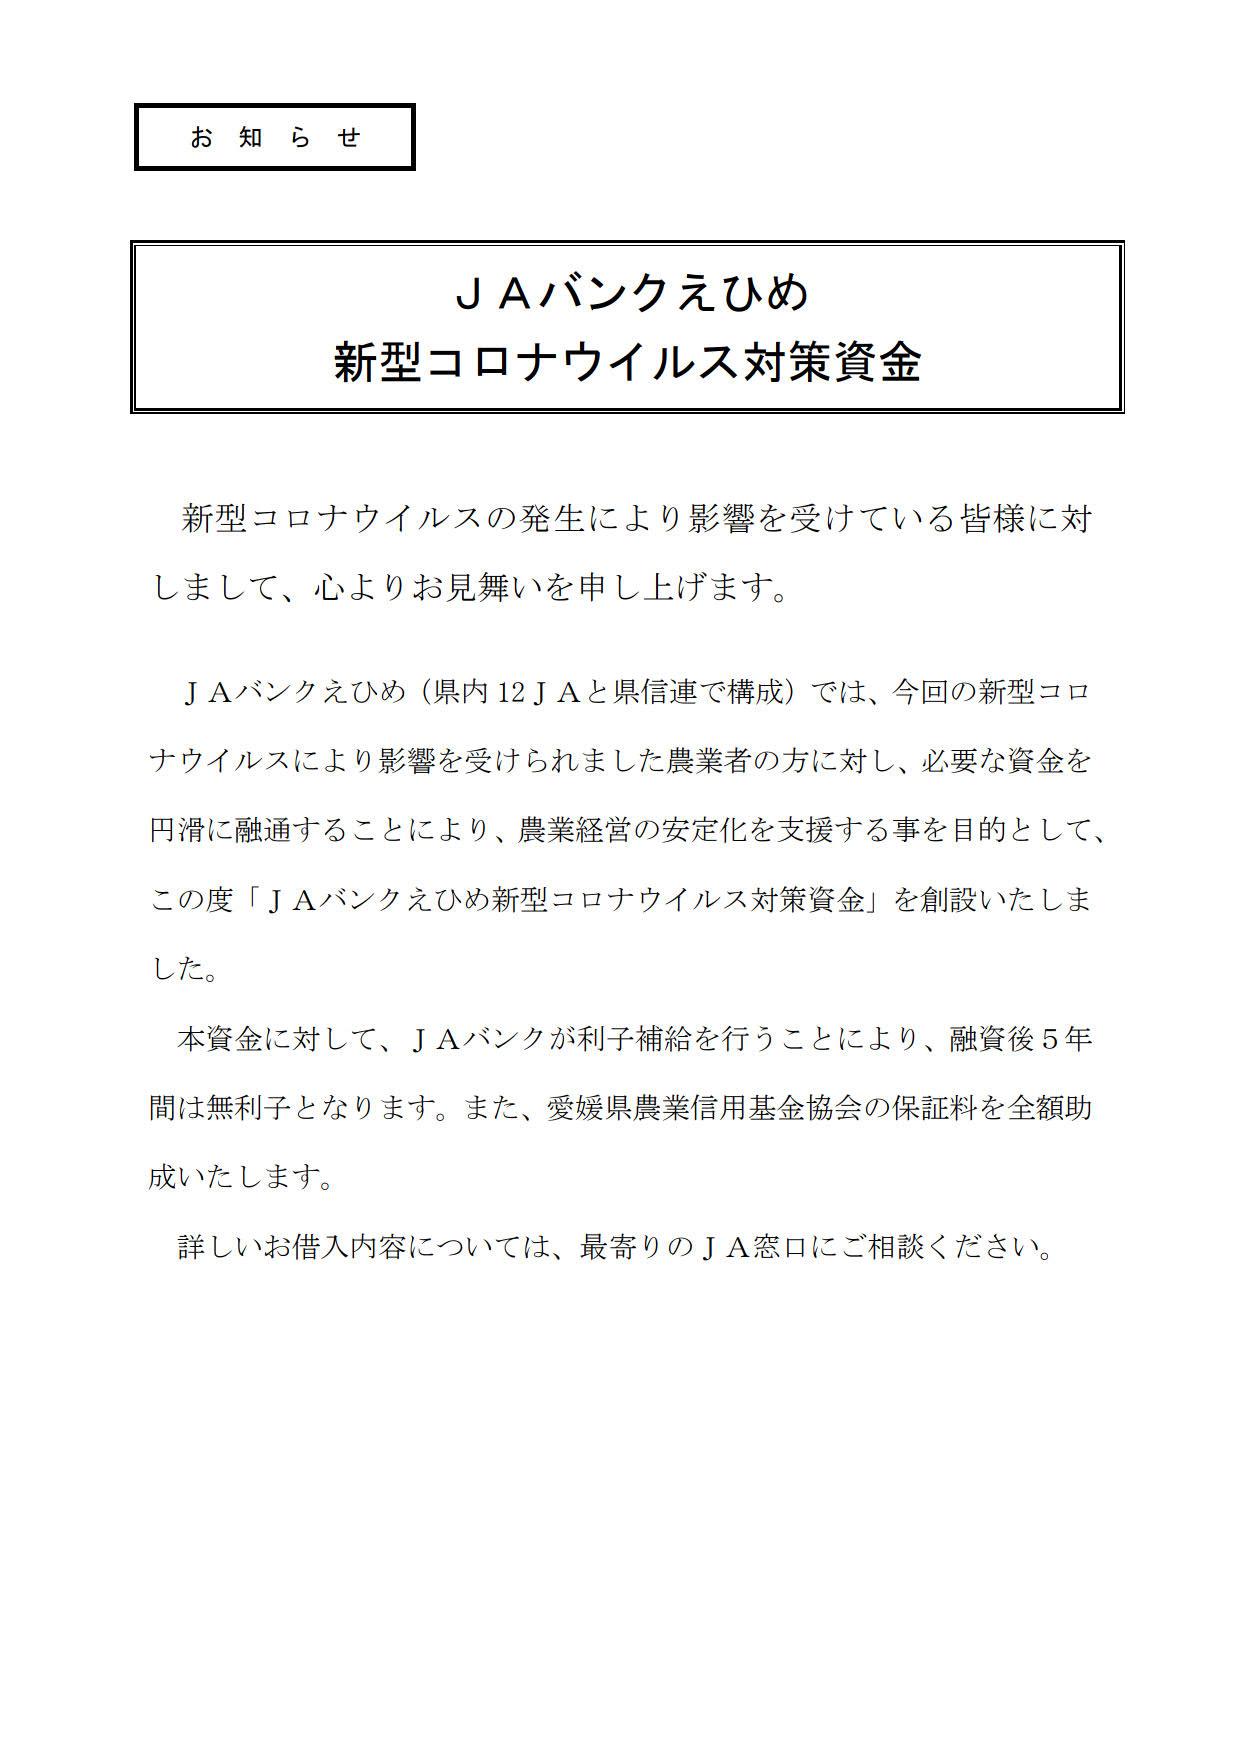 最新 愛媛 県 コロナ